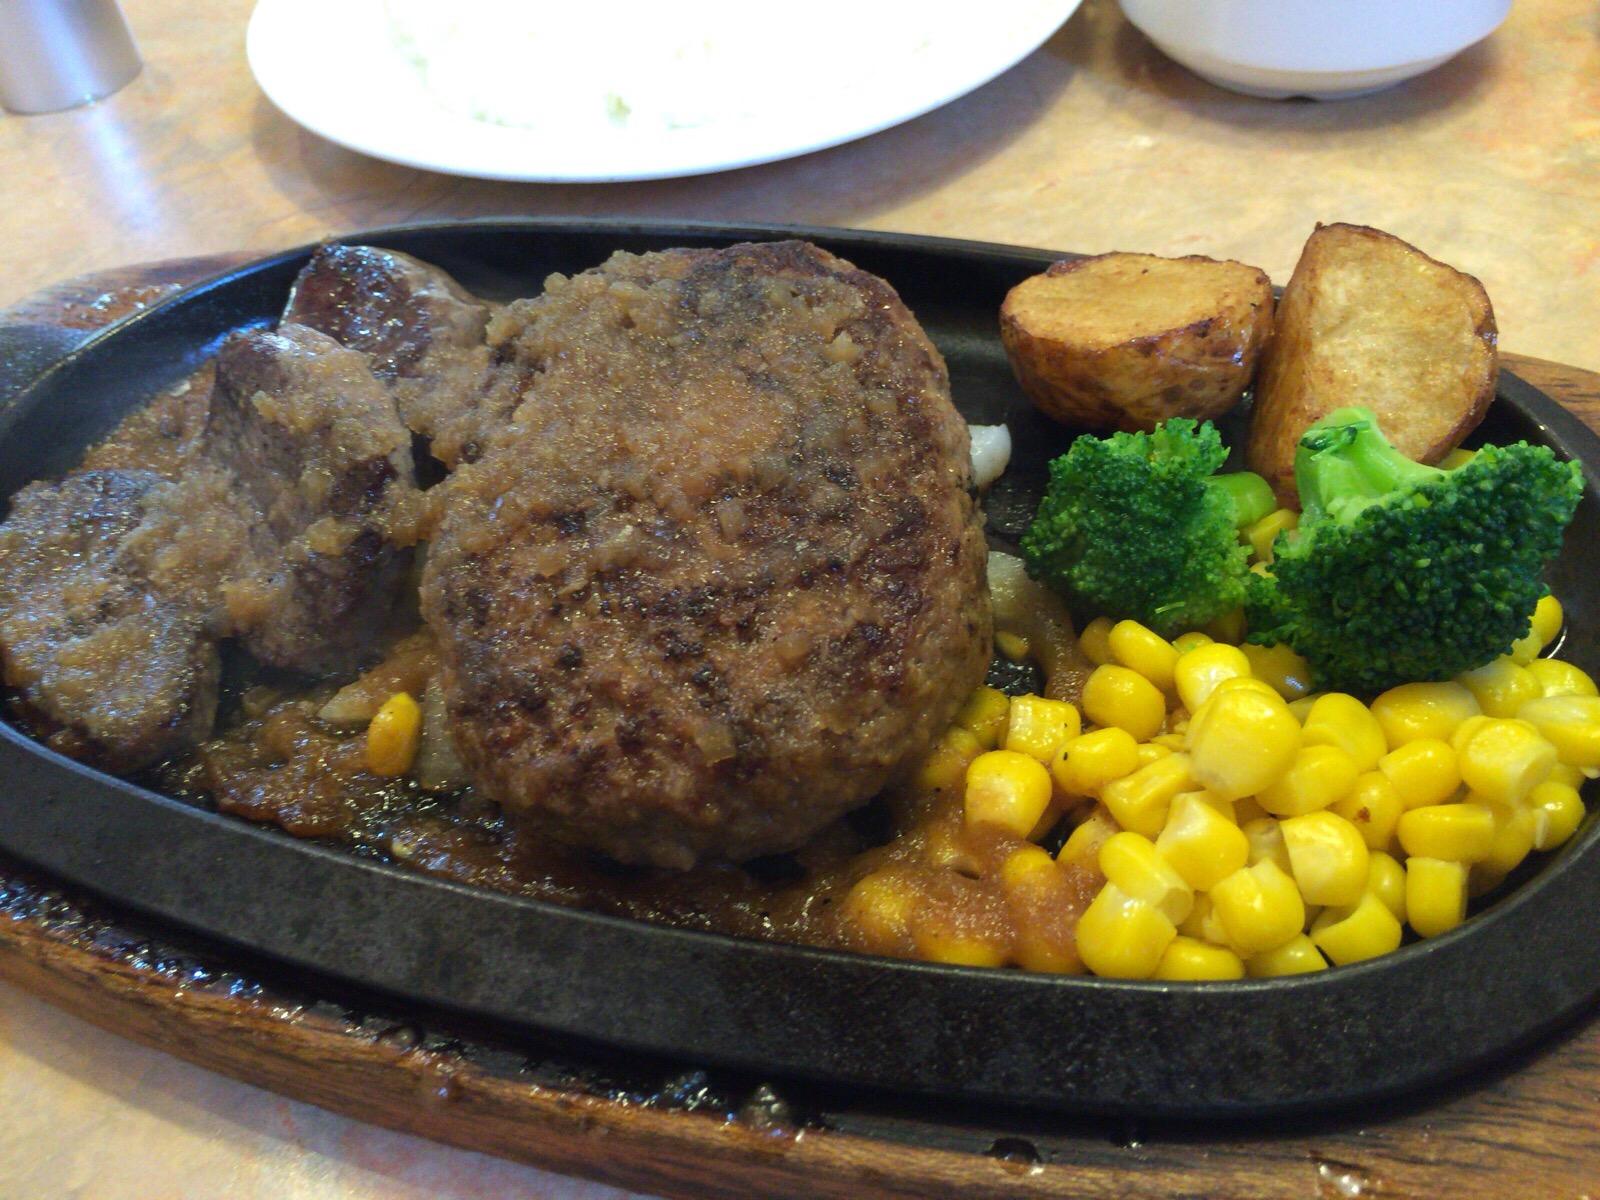 【印西】フライングガーデンの爆弾ハンバーグは肉肉しい